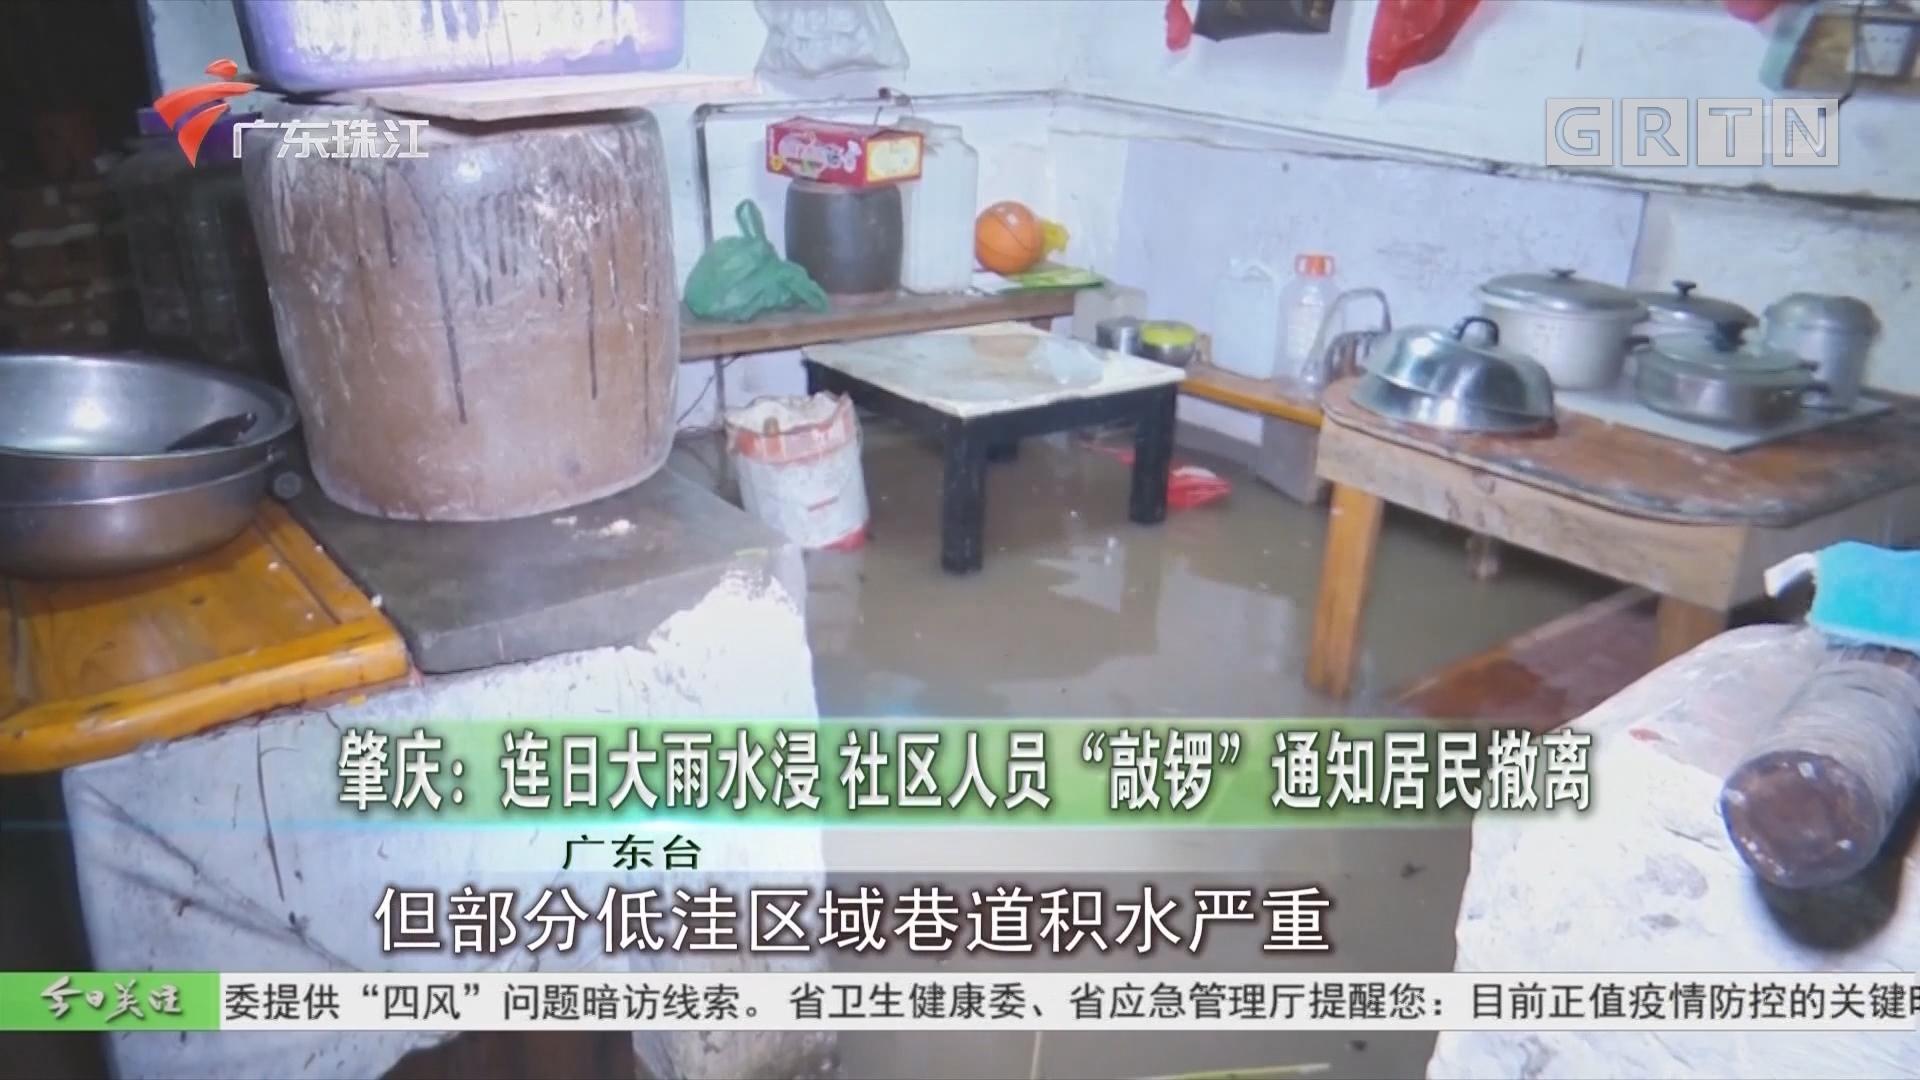 """肇庆:连日大雨水浸 社区人员""""敲锣""""通知居民撤离"""